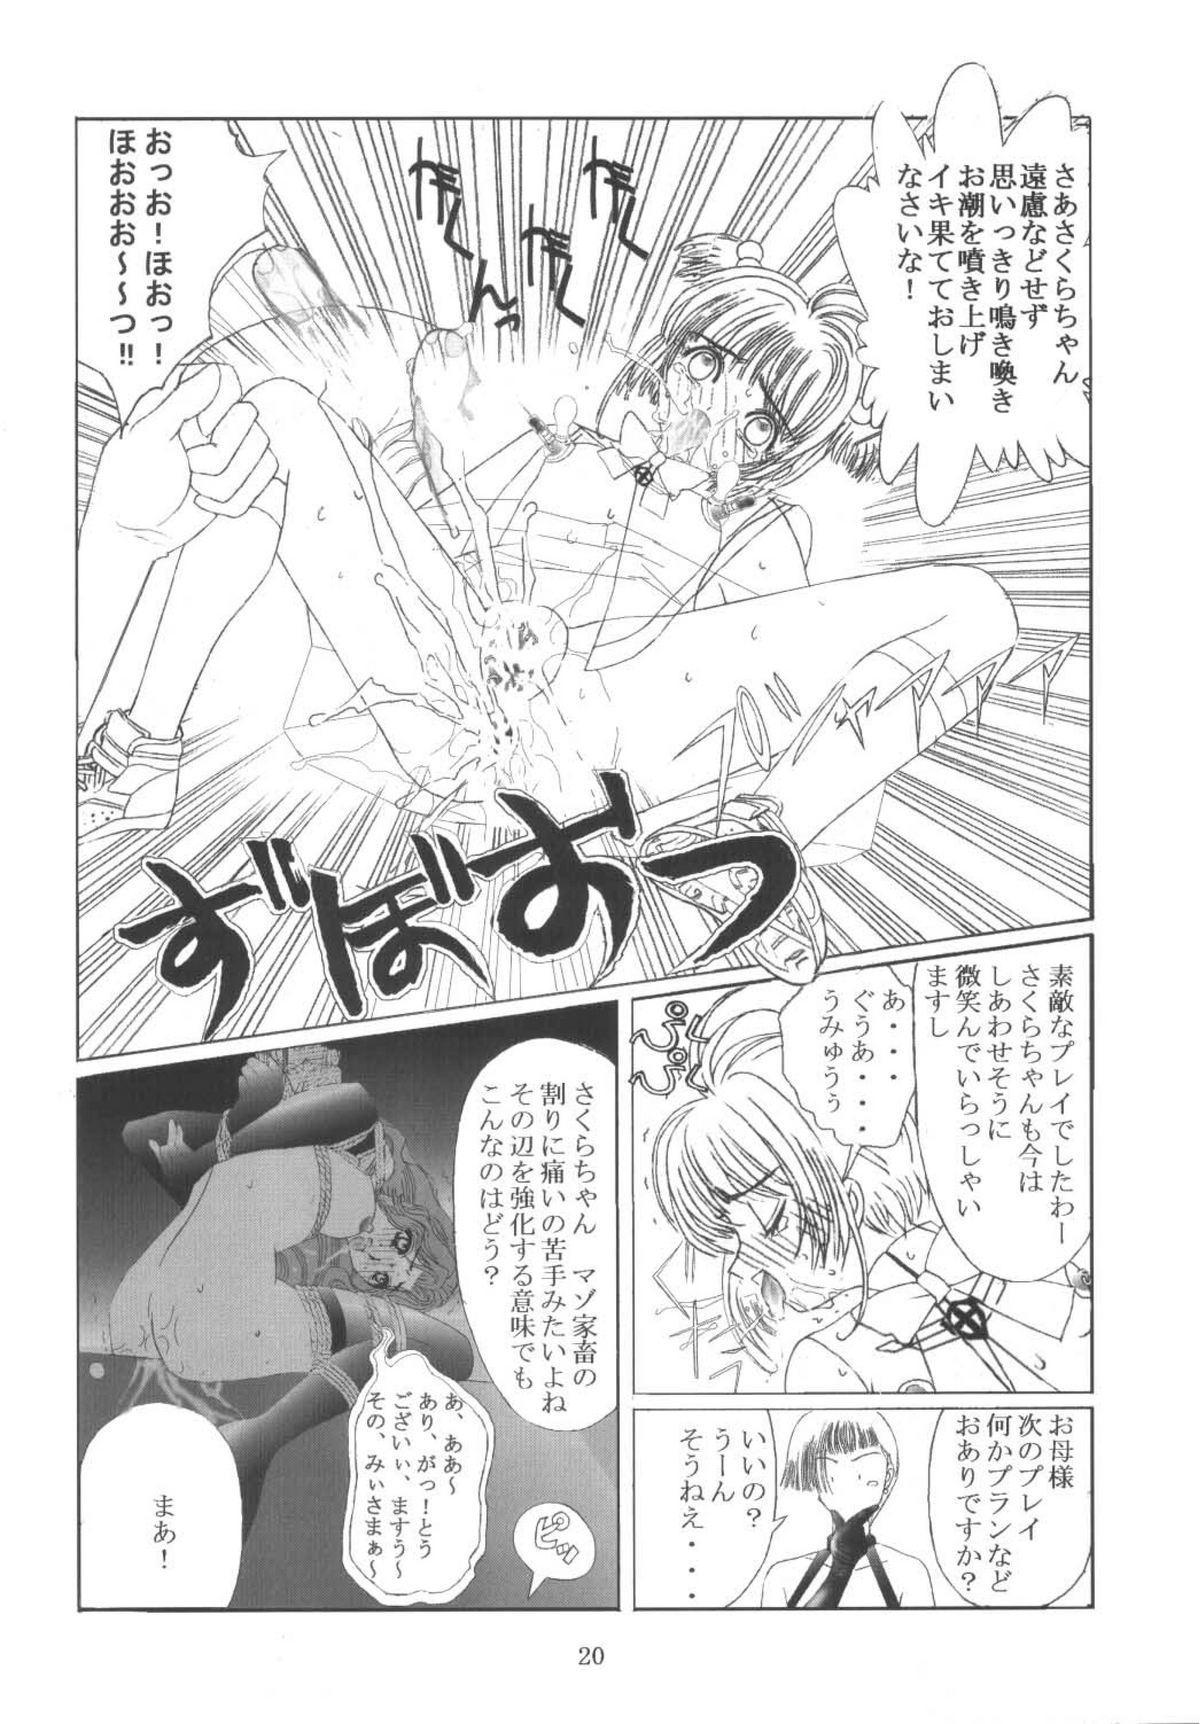 Kuuronziyou 10 Sakura-chan de Asobou 5 19